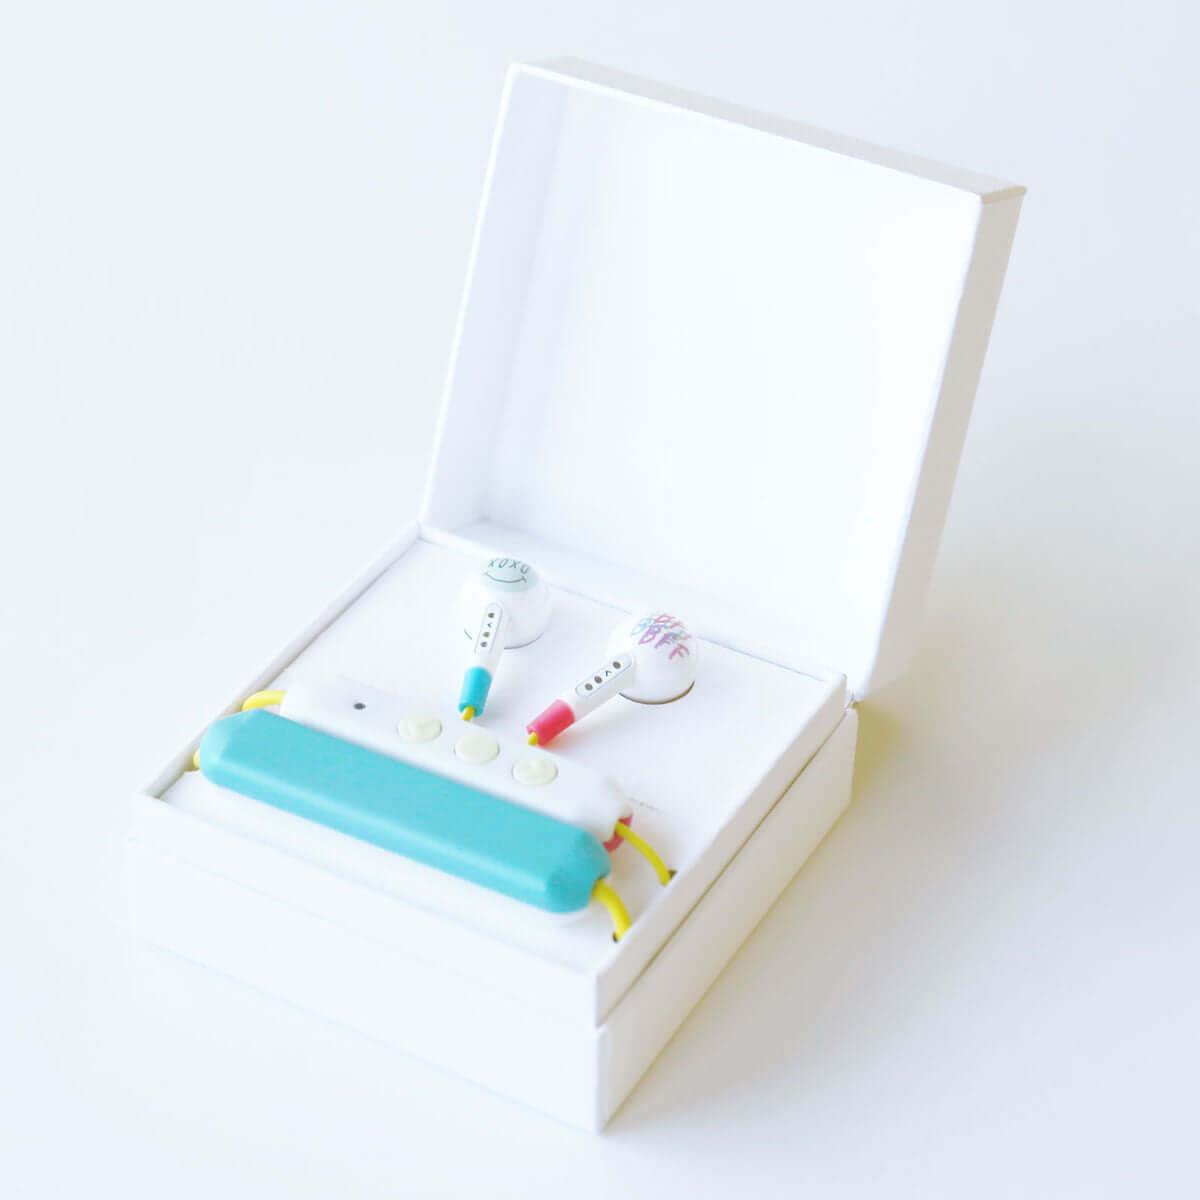 クリスマスプレゼントにおすすめ!カスタムできるワイヤレスイヤフォン「KOTORI 101++」が登場 kotori_05-1200x1200